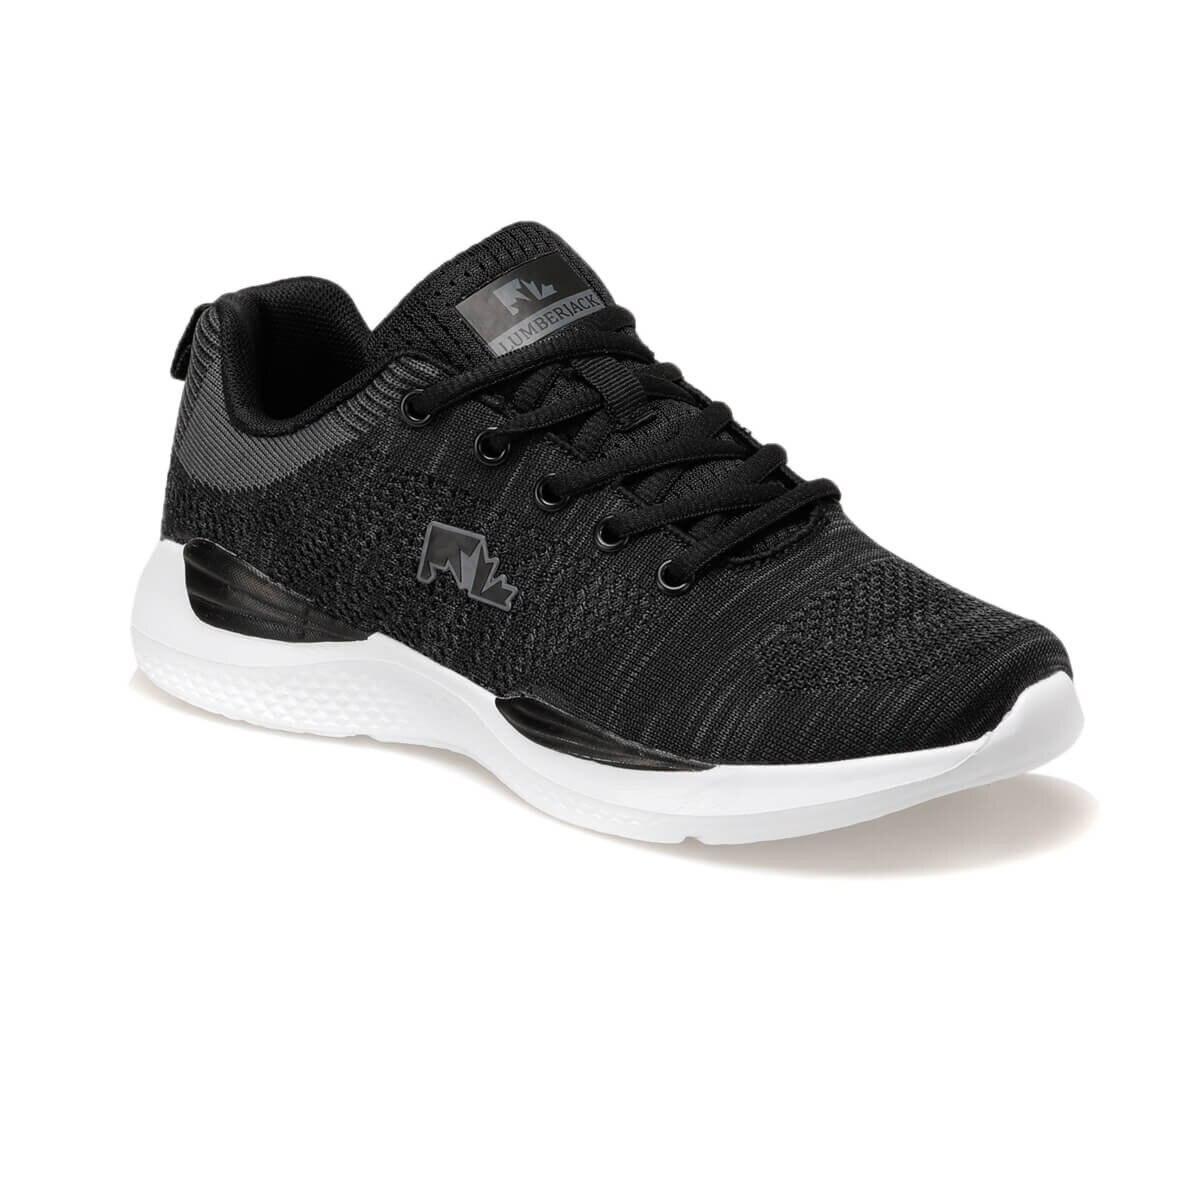 FLO WOLKY 9PR Black Women 'S Sneaker Shoes LUMBERJACK